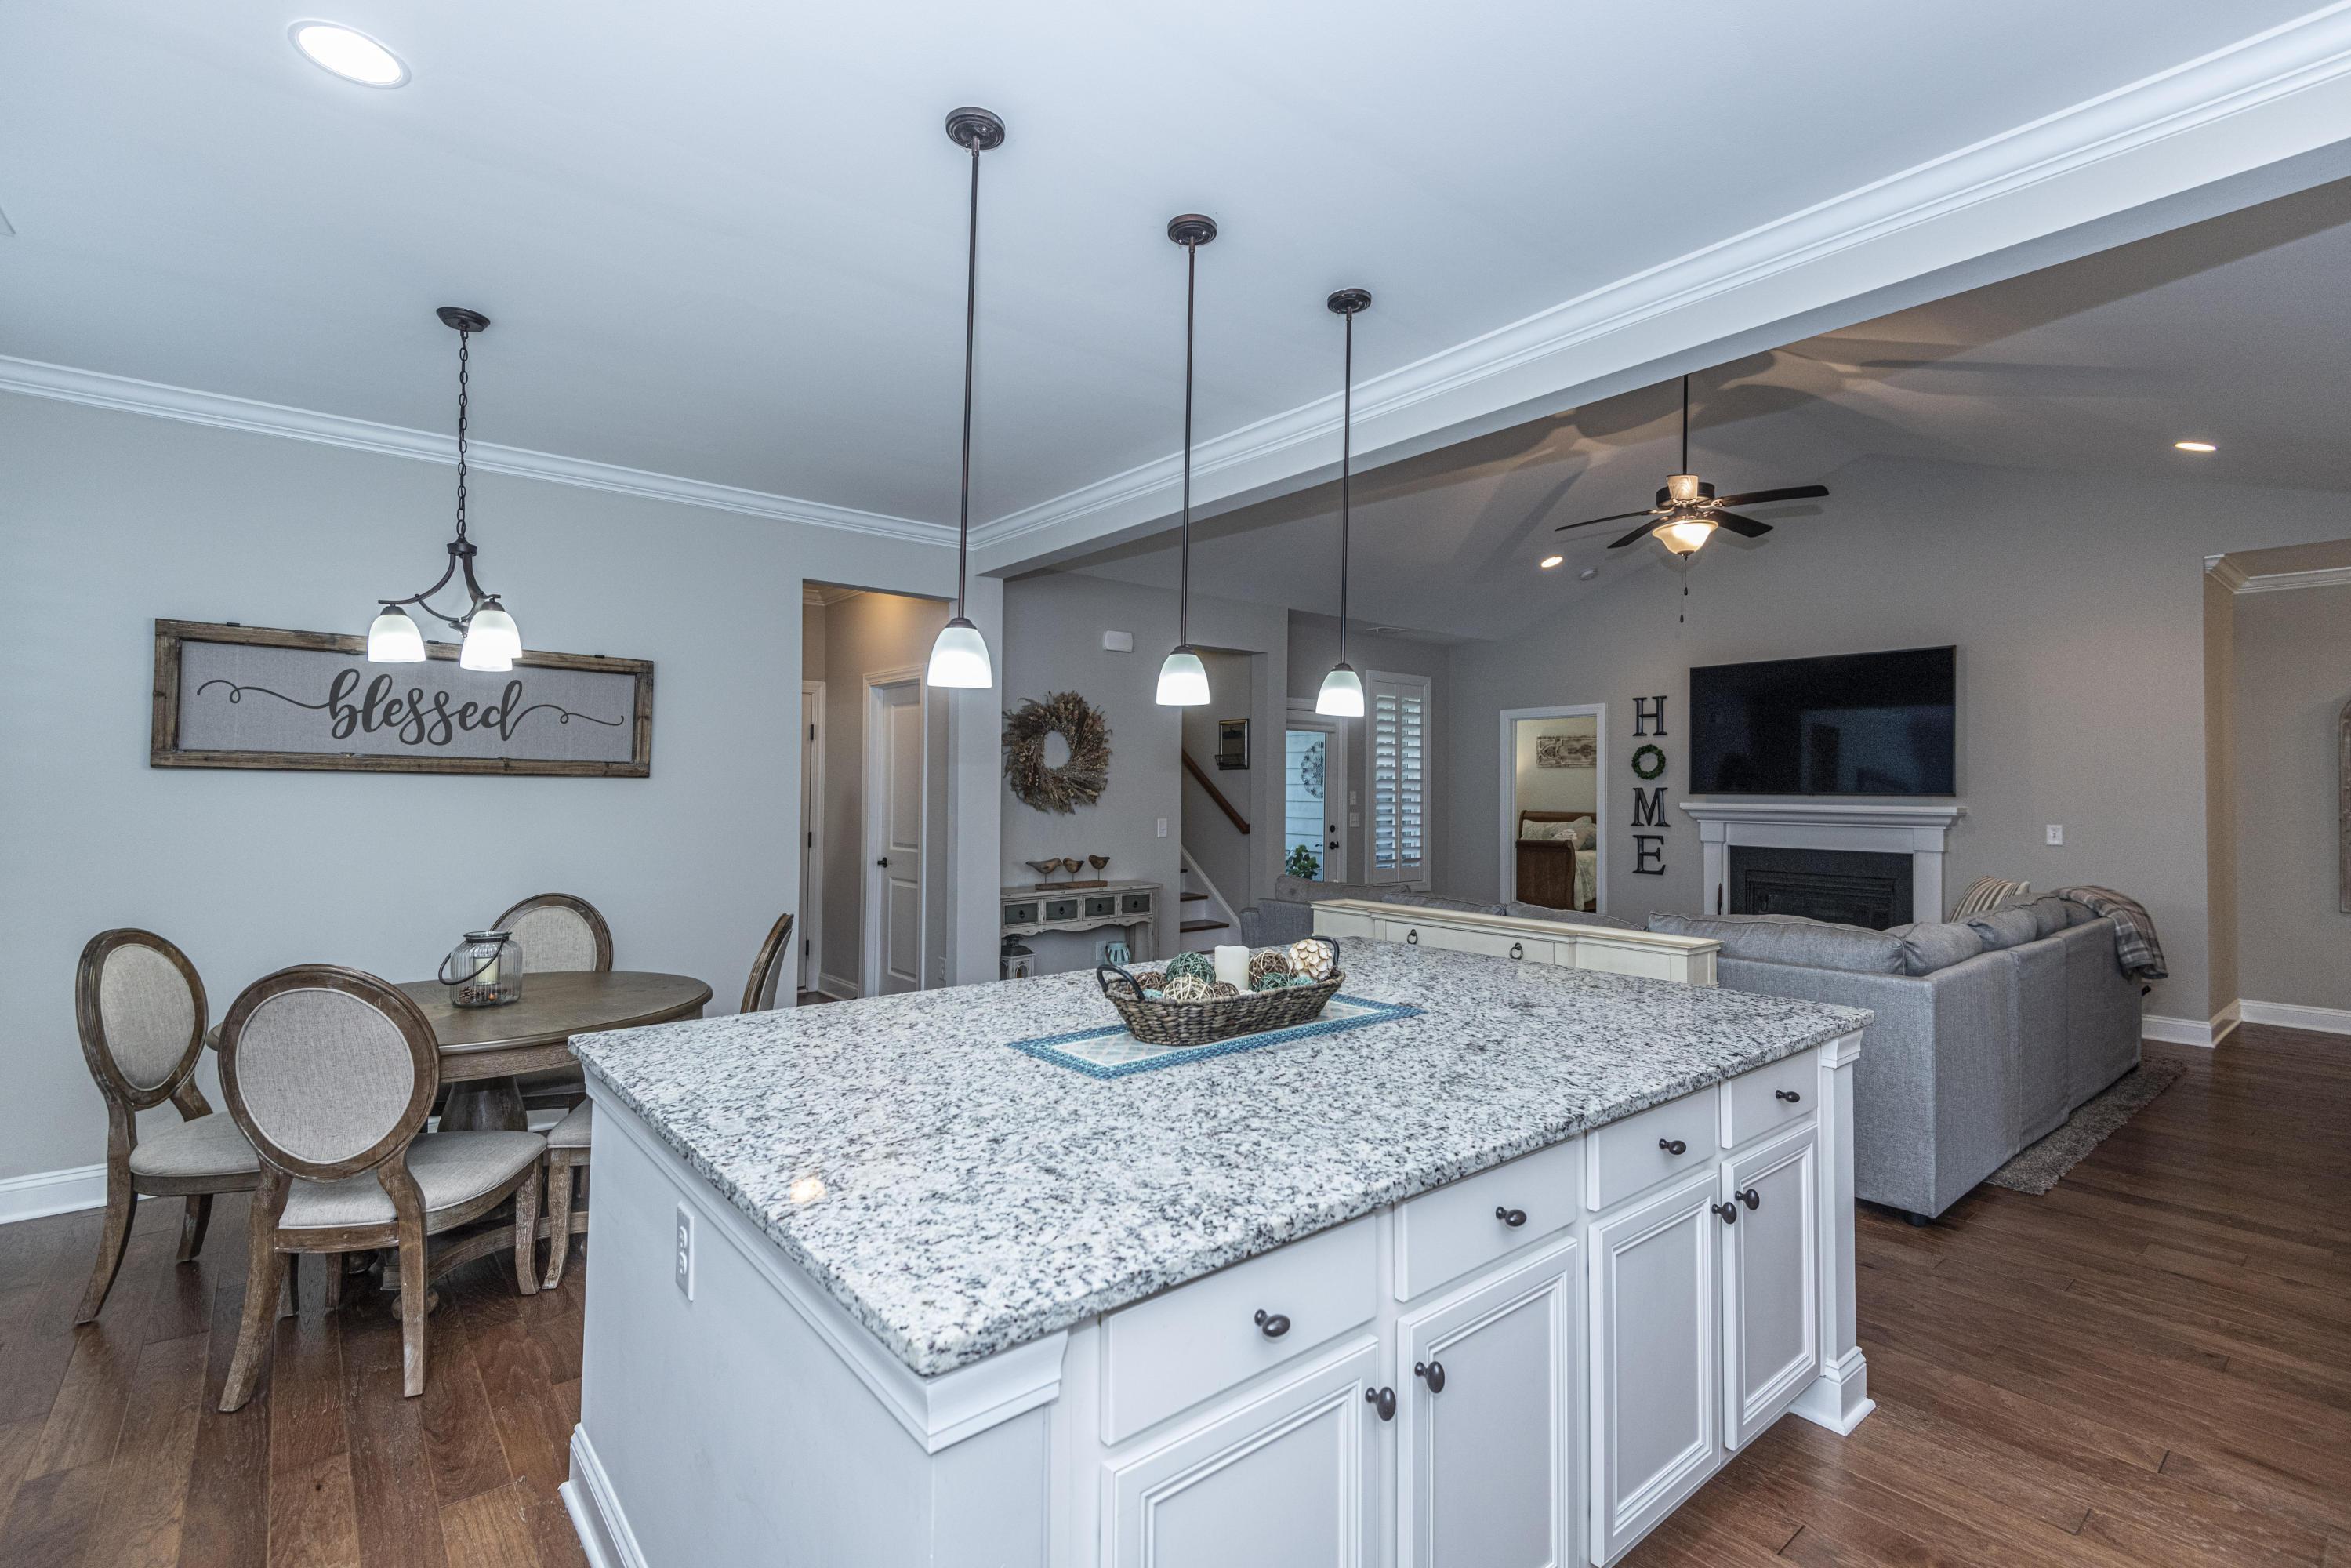 Park West Homes For Sale - 2667 Park West, Mount Pleasant, SC - 10